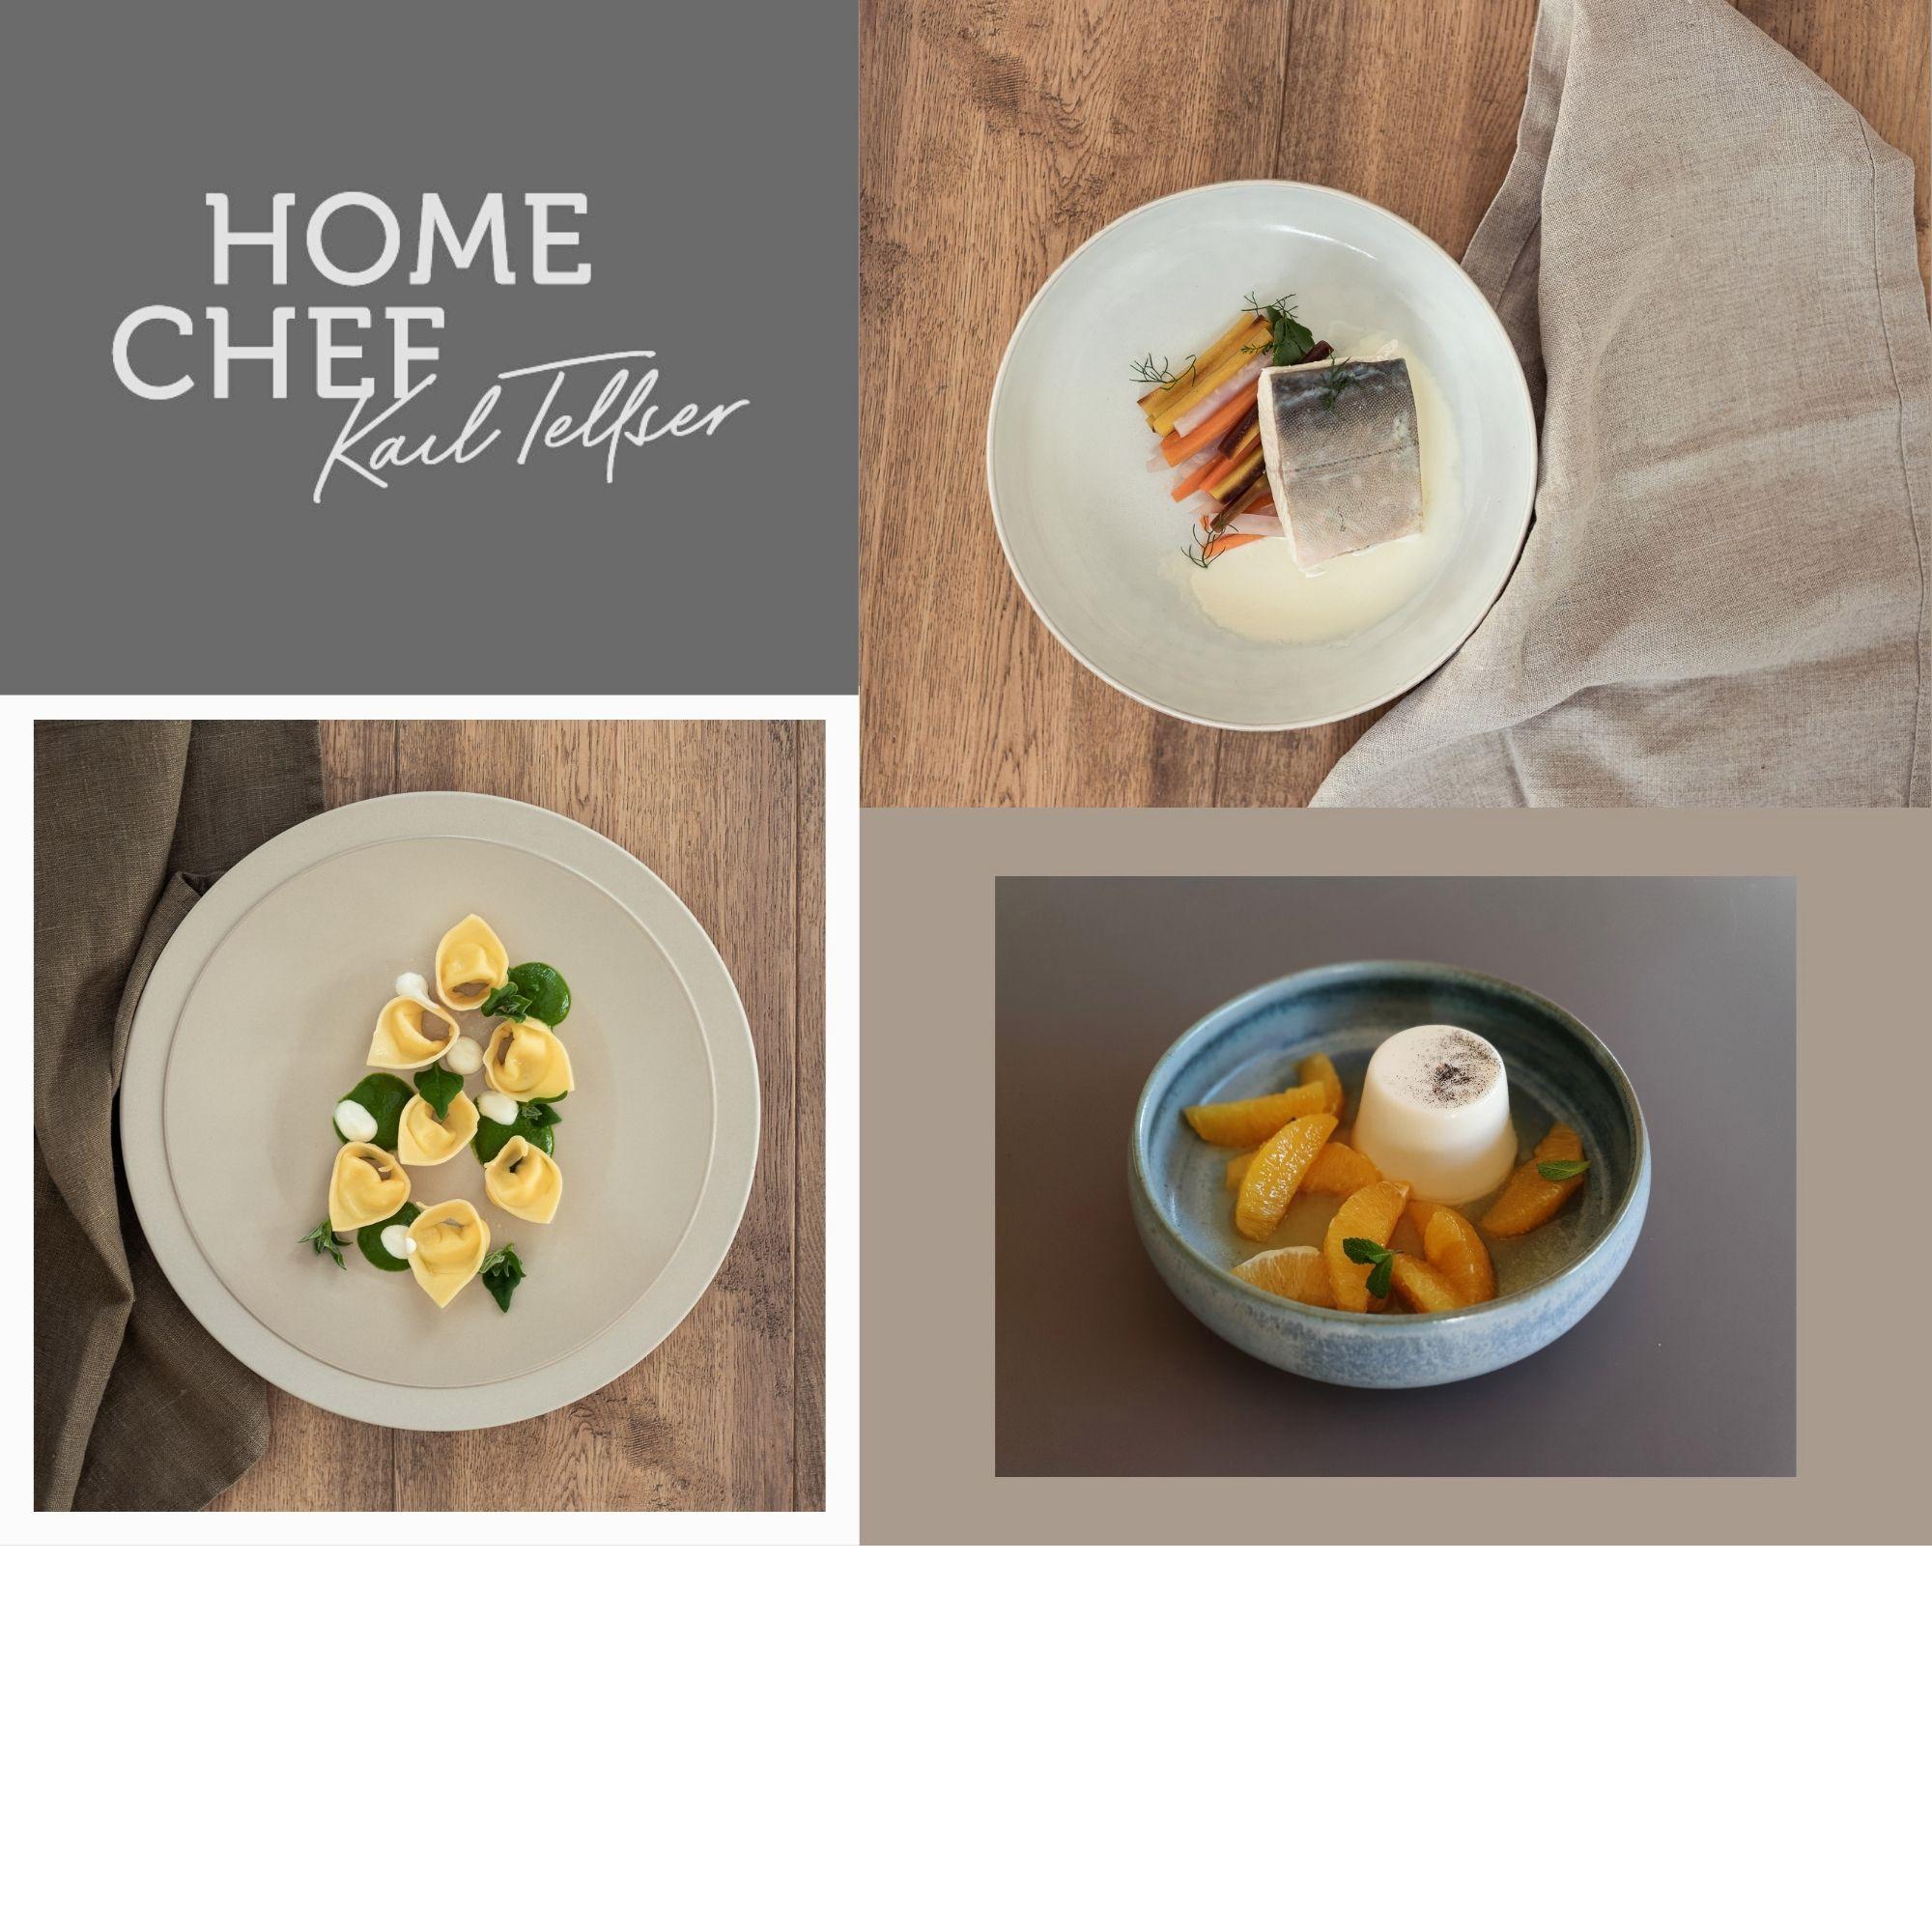 Hausgemachte Tortelloni / Käsefonduta / Spinatcreme / Walnüsse / Saibling / Wurzelgemüse / Meerrettichsauce / Panna cotta / Glasierte Orangen